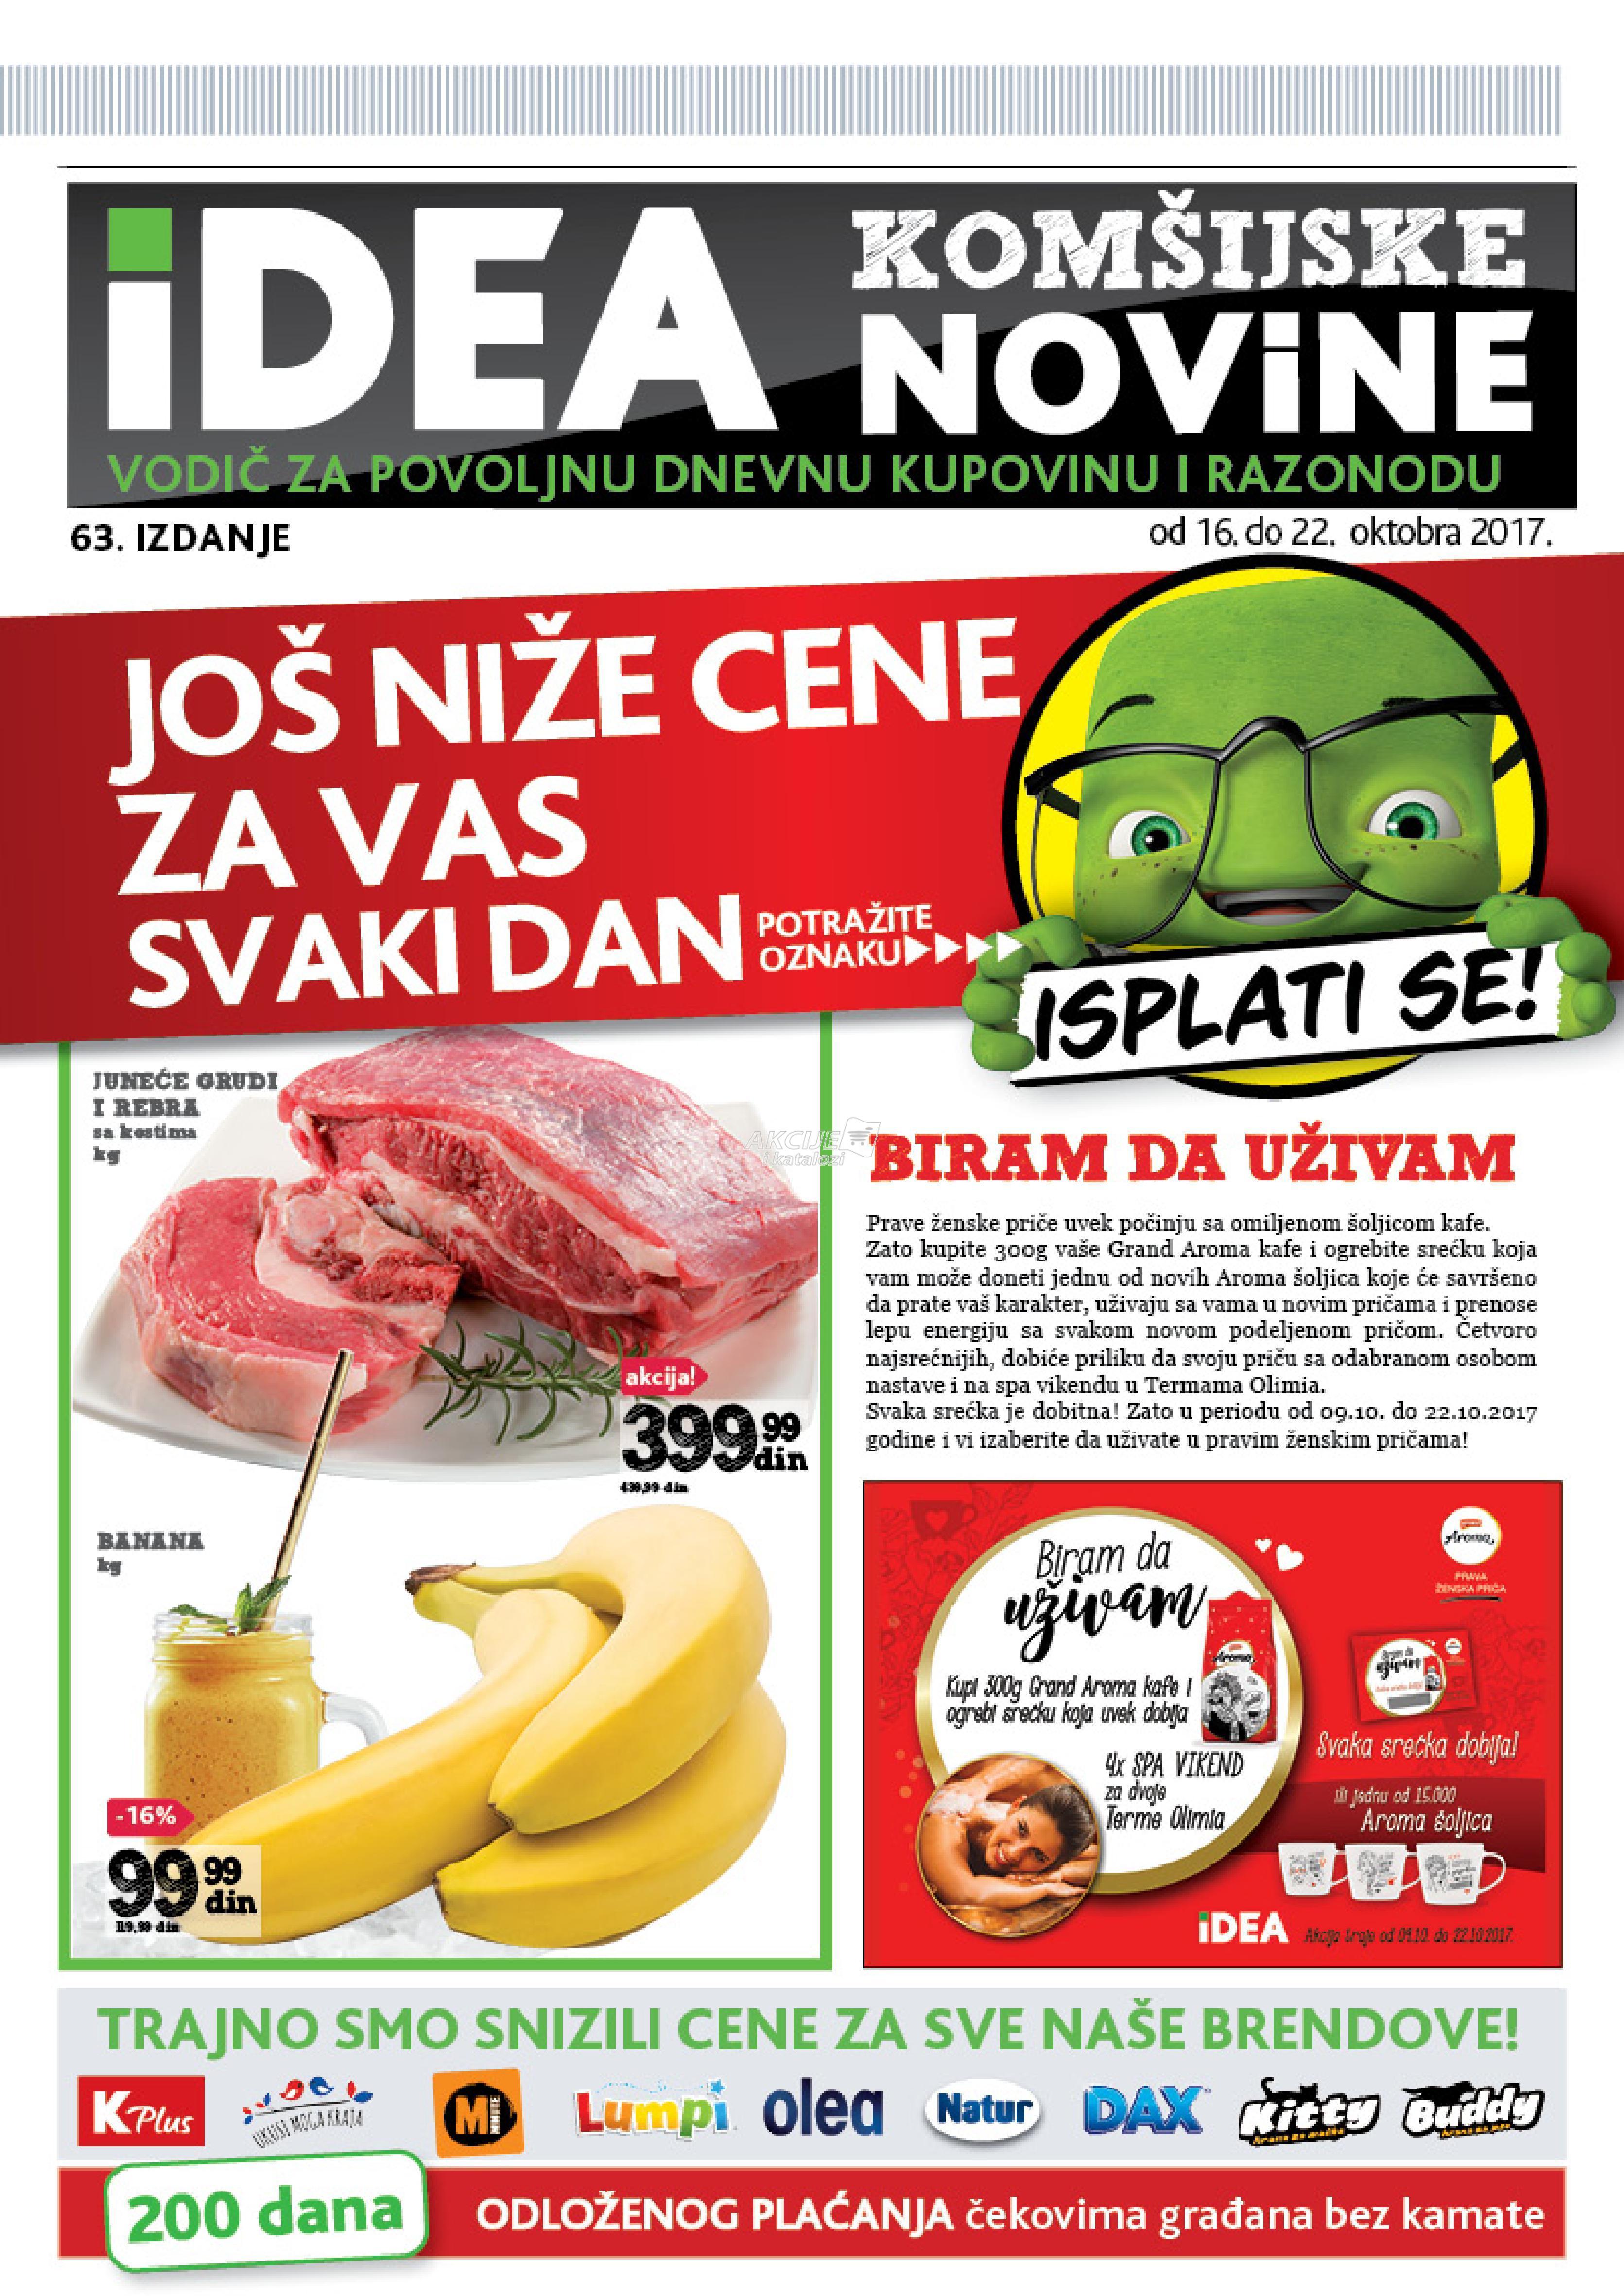 Idea akcija komšijske K Plus novine